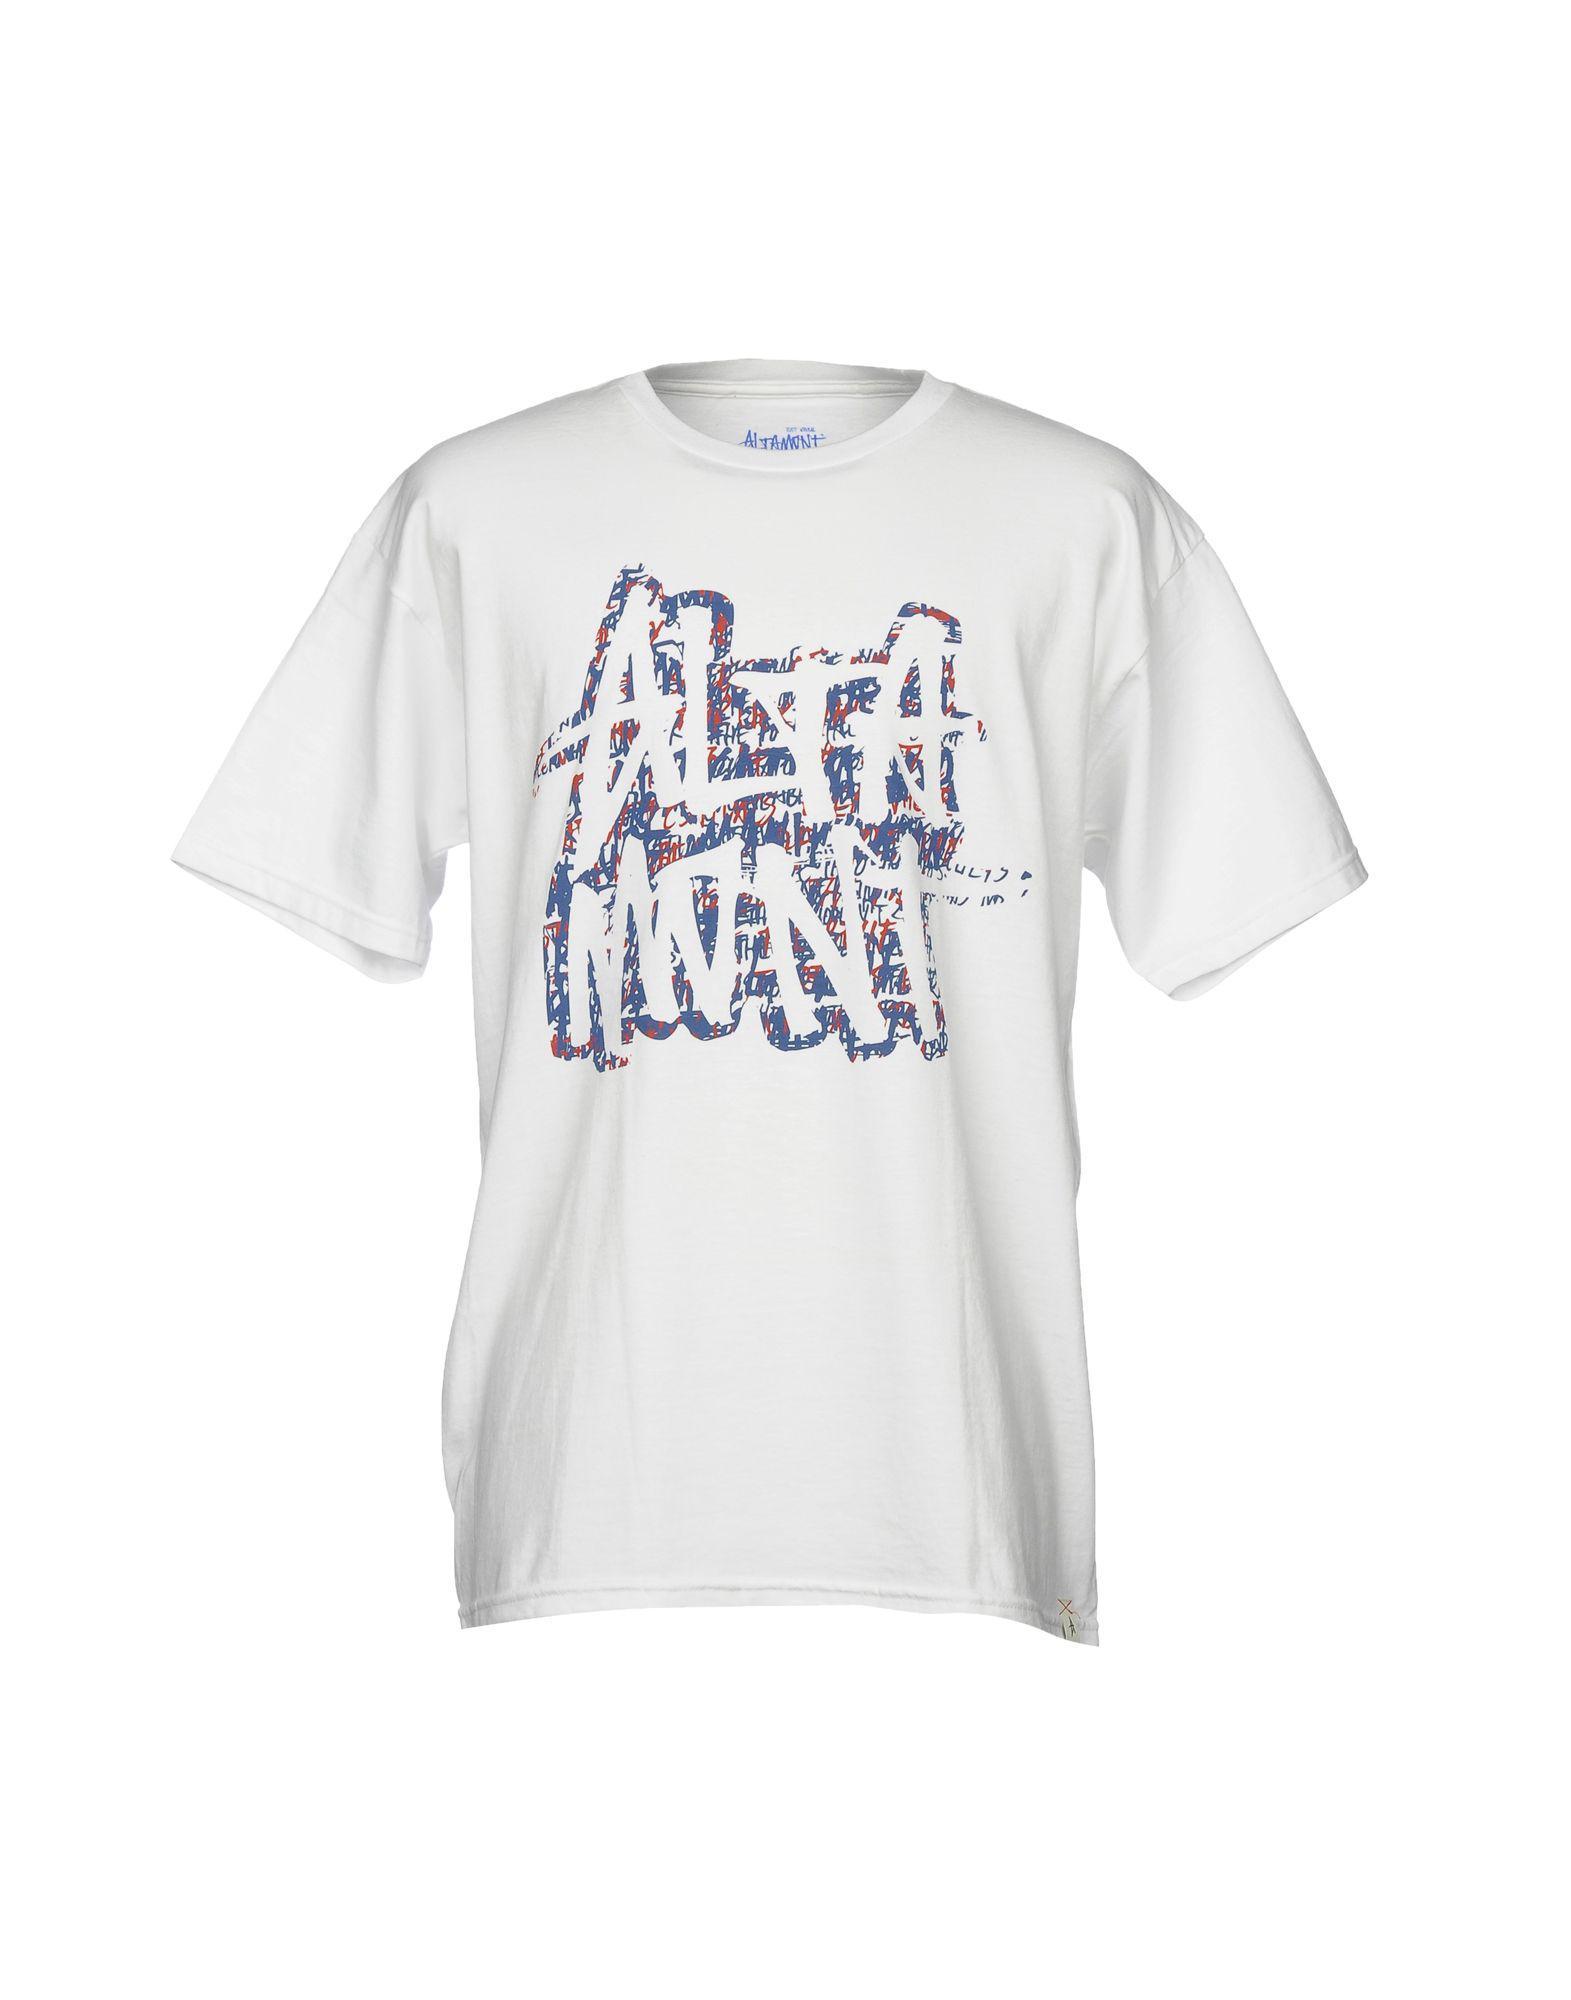 abd35e827 Lyst - Altamont T-shirt in White for Men